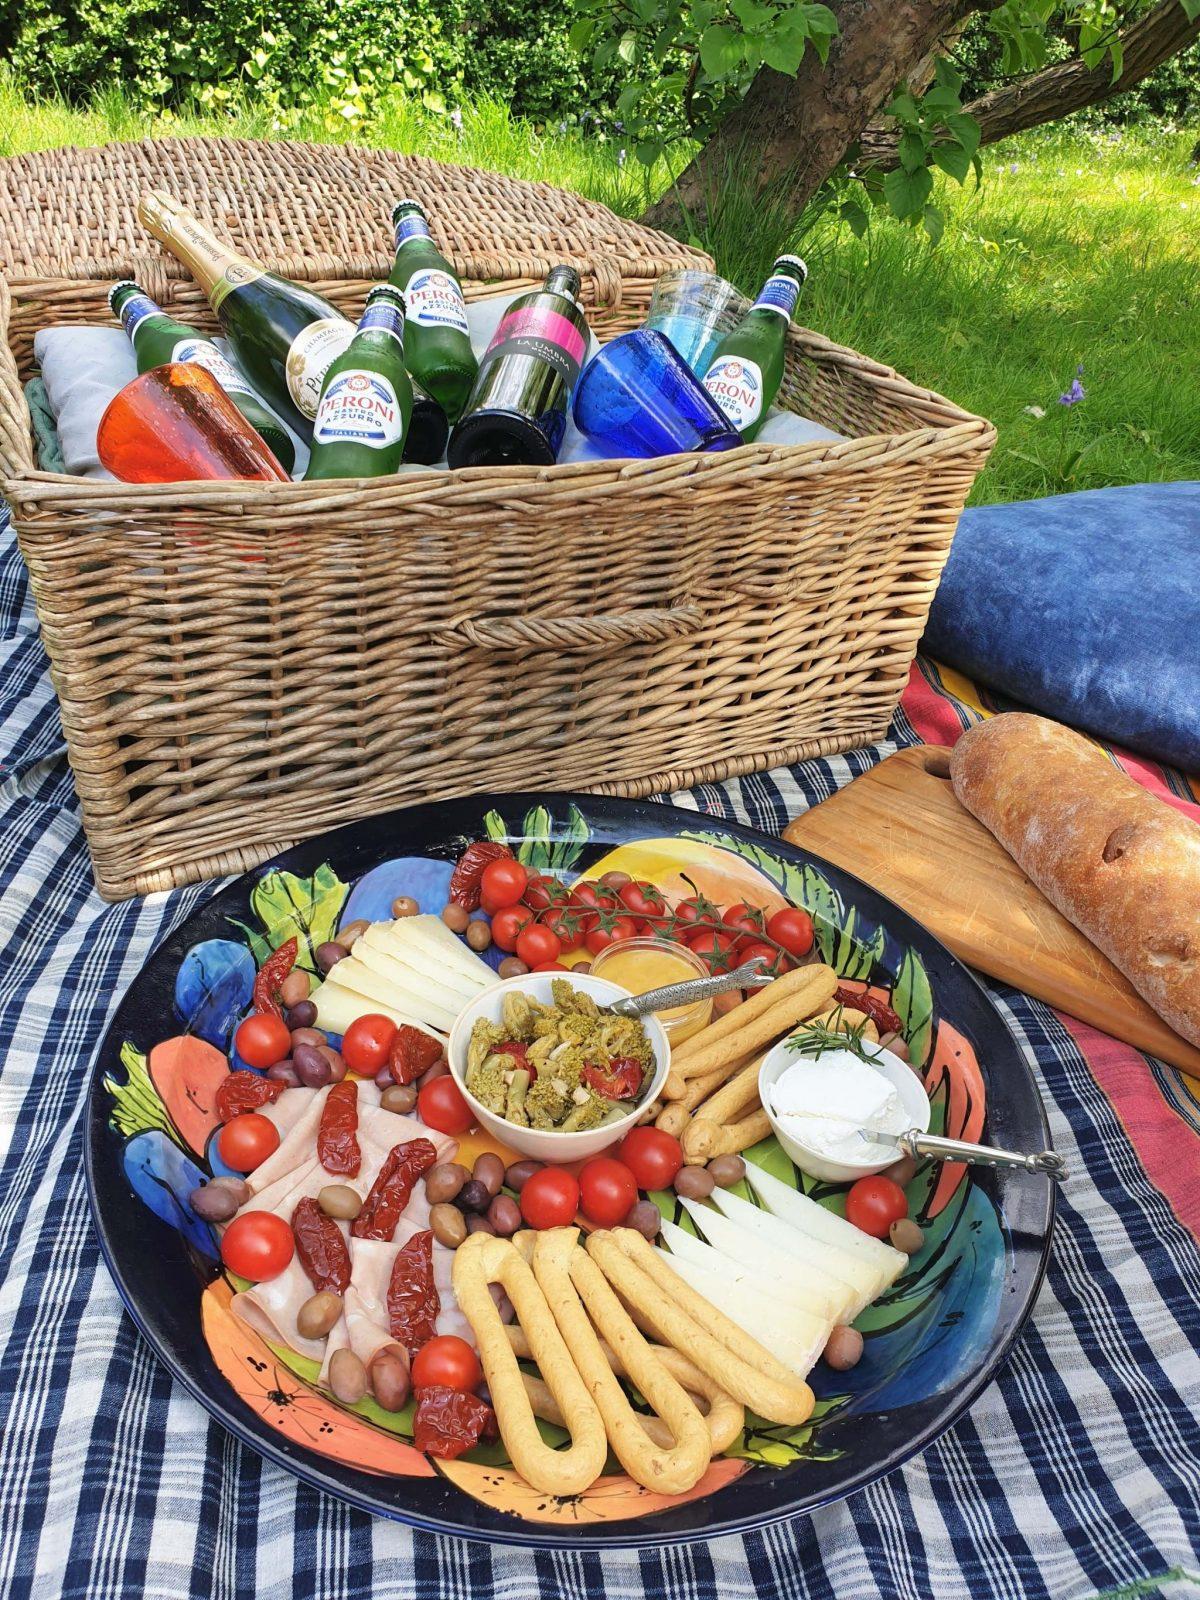 Cosaporto Italian picnic